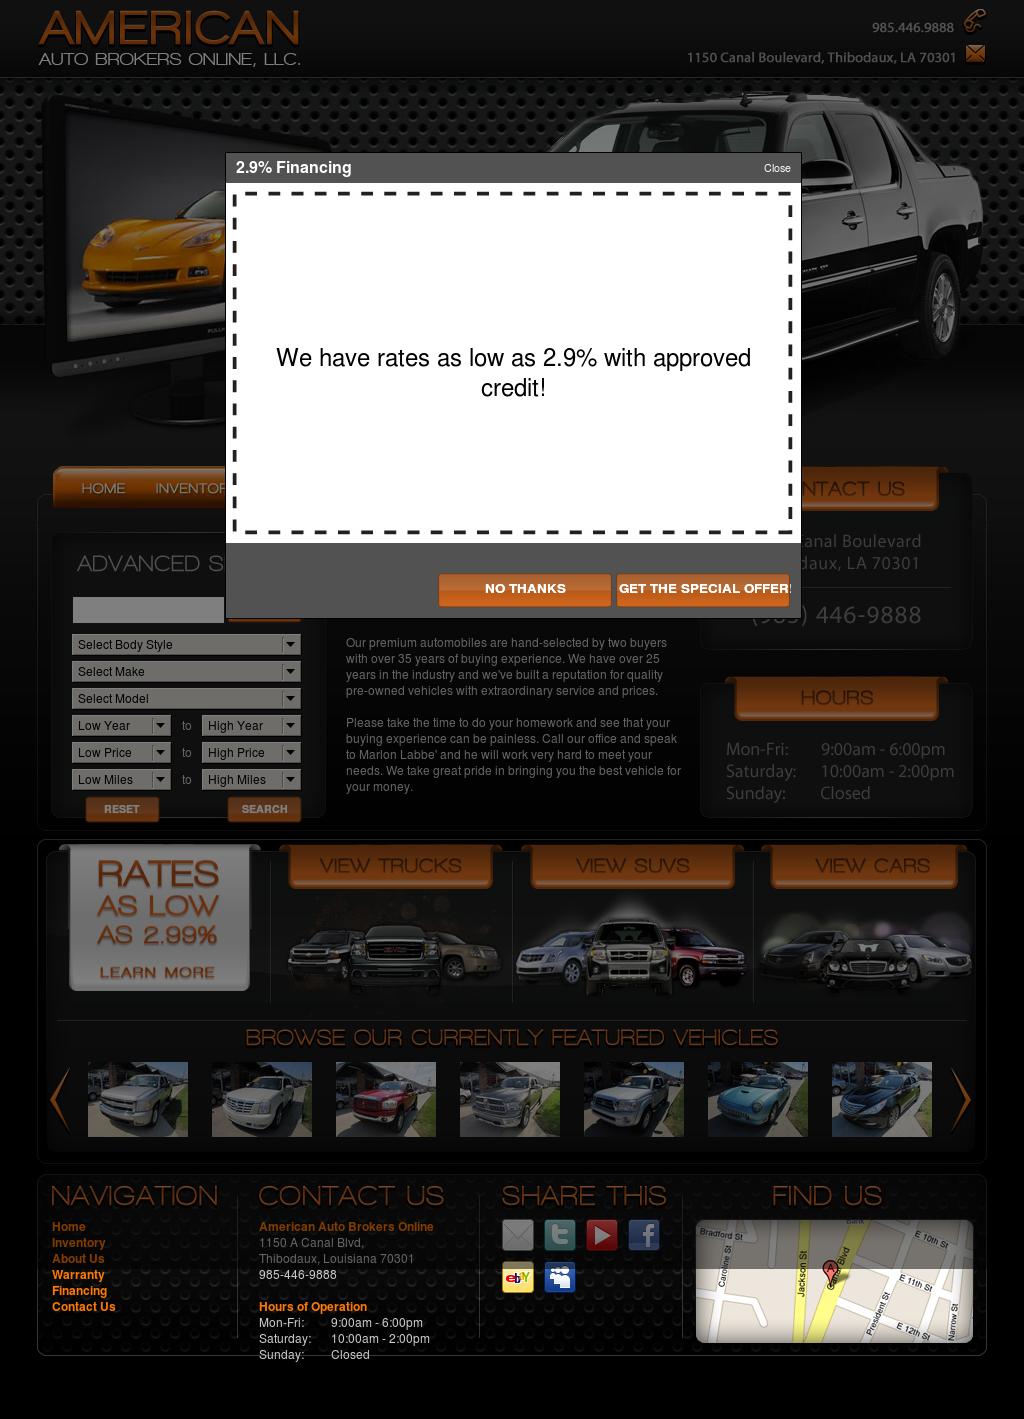 American Auto Brokers >> American Auto Brokers Online Competitors Revenue And